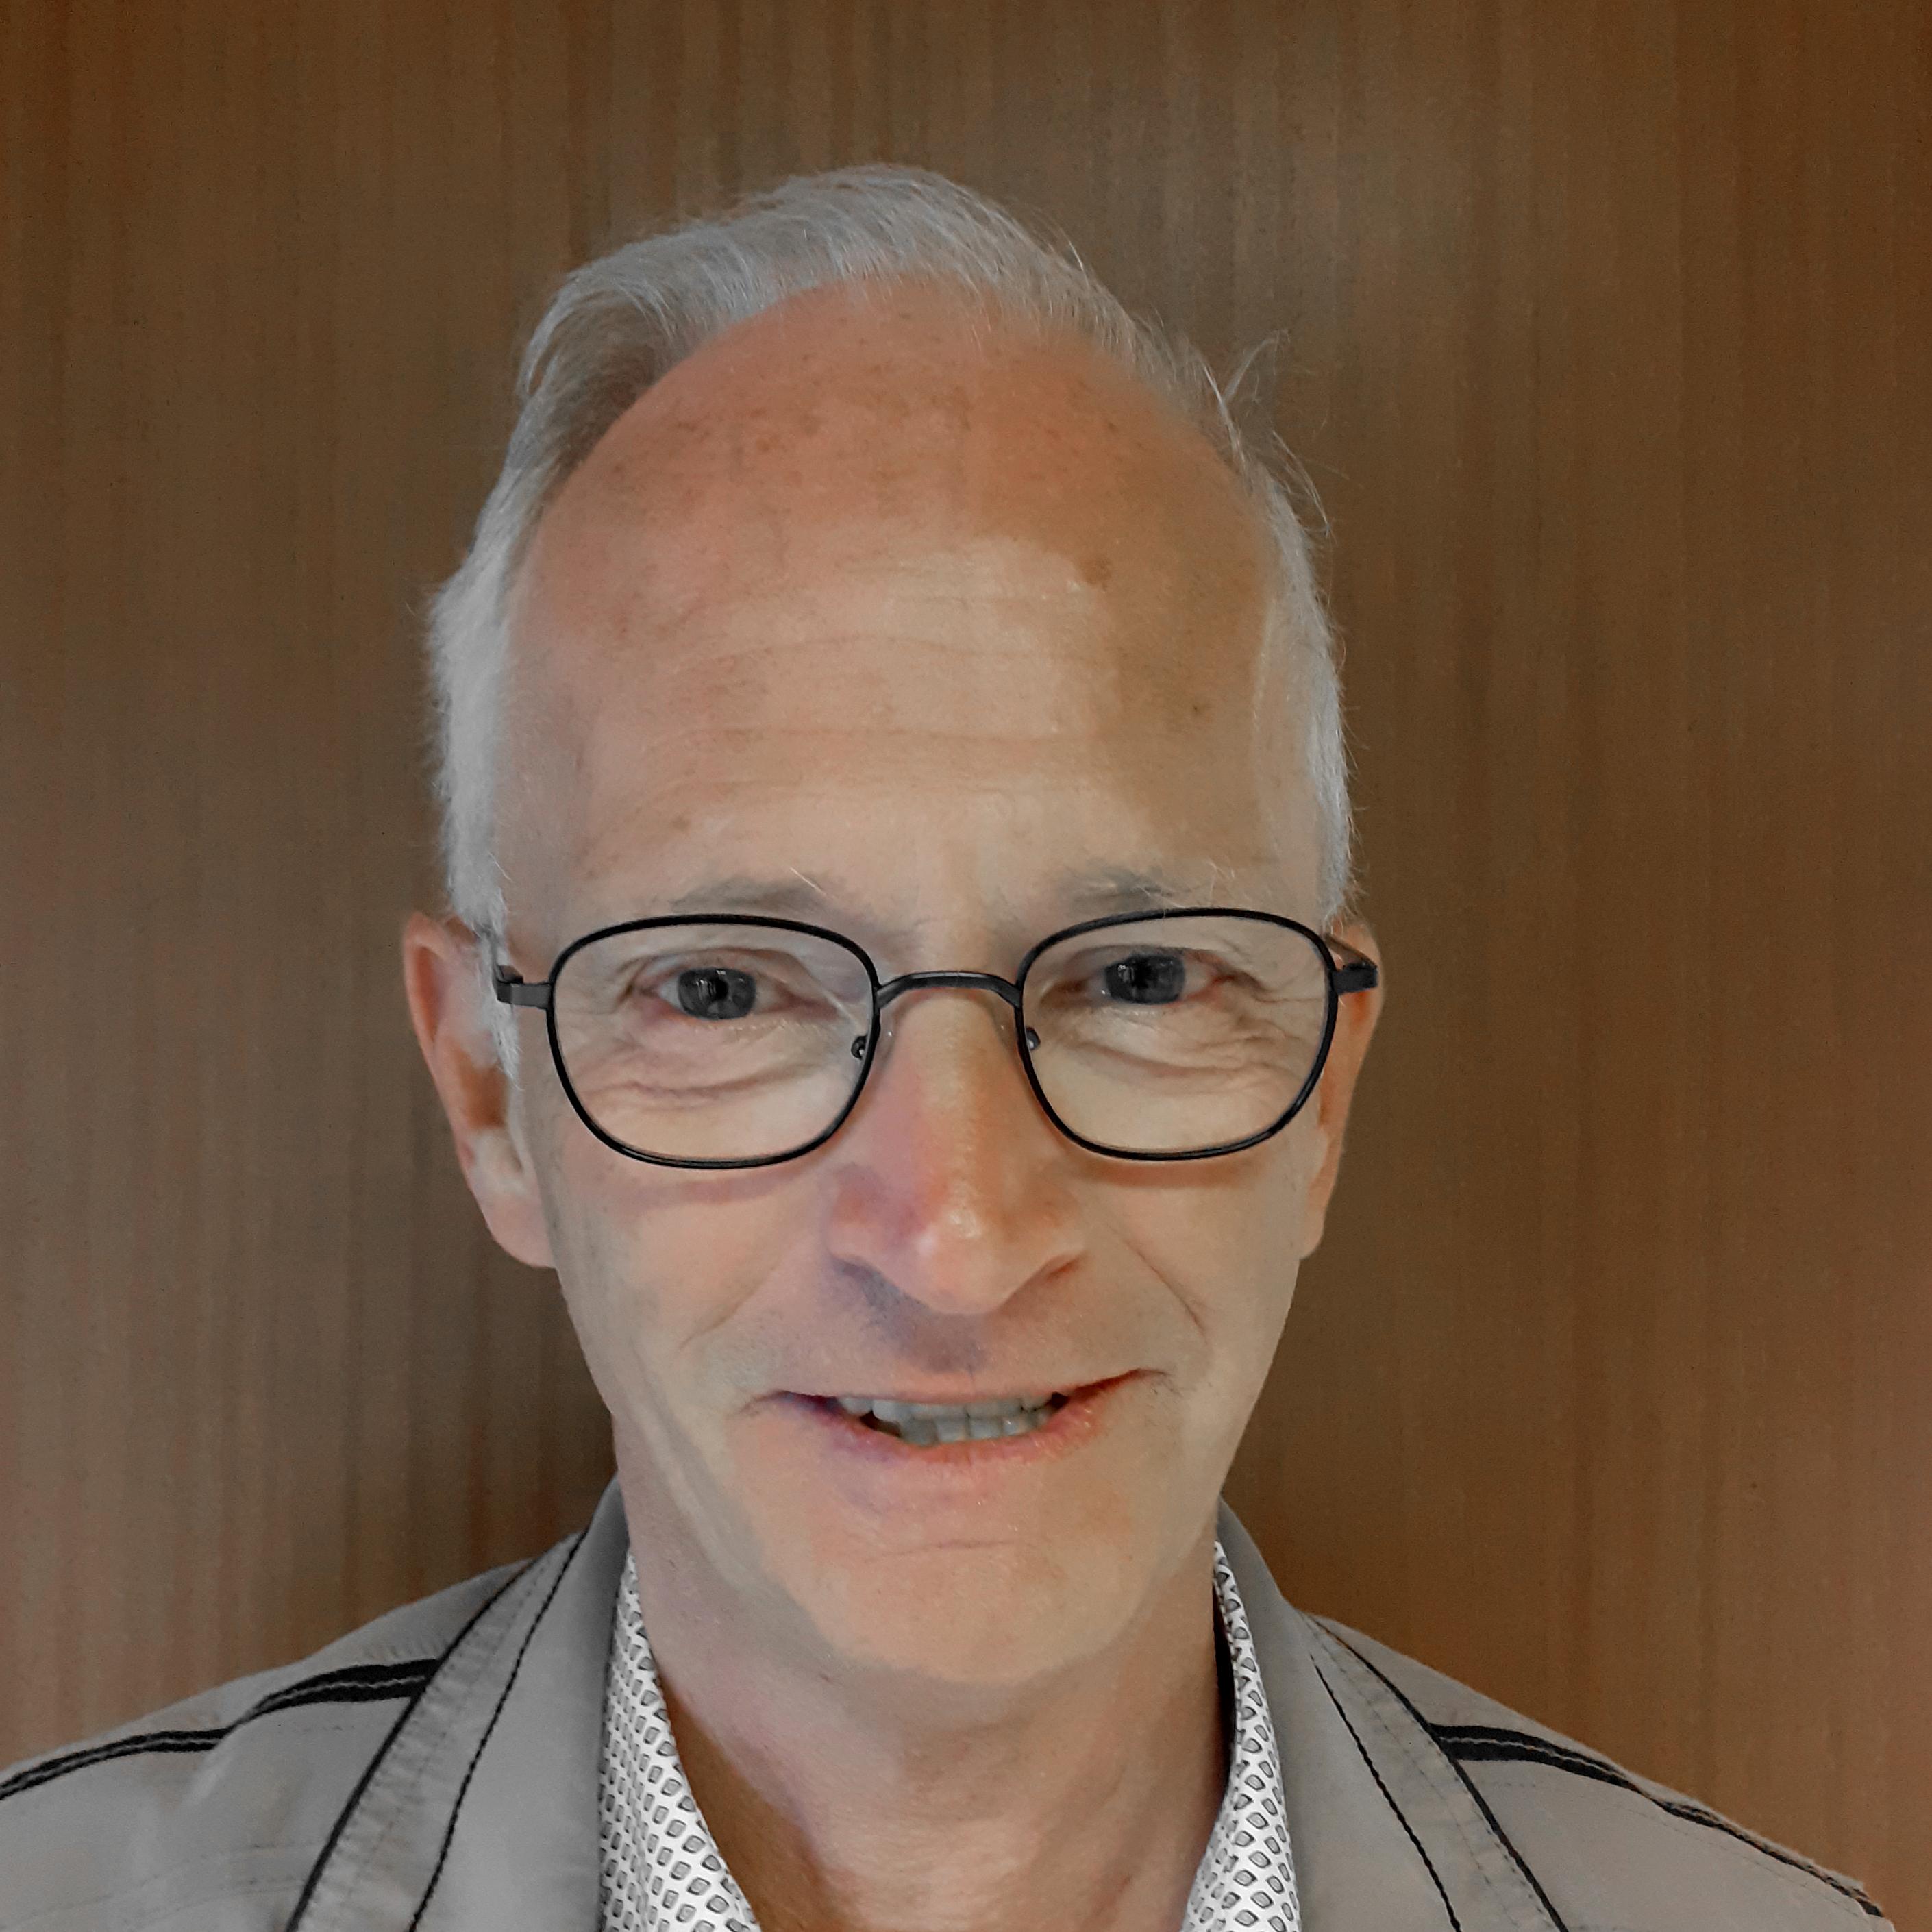 Karel Remmelink